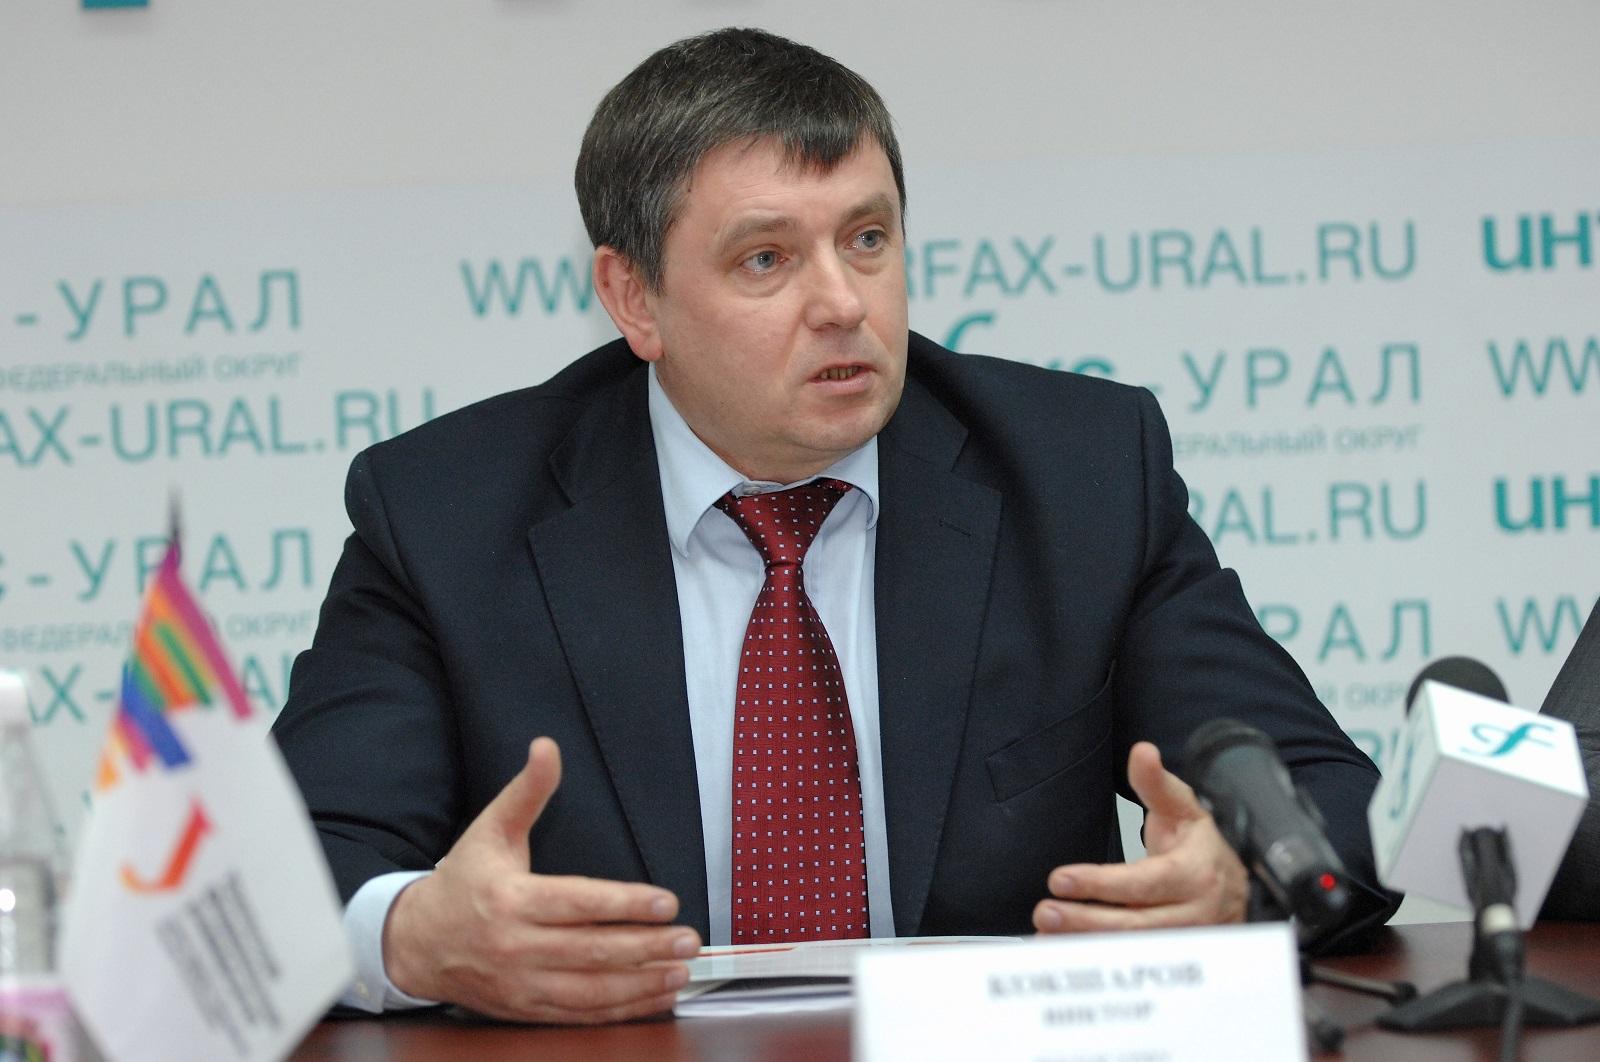 乌拉尔联邦大学校长维克托·科克沙罗夫(Виктор Кокшаров)